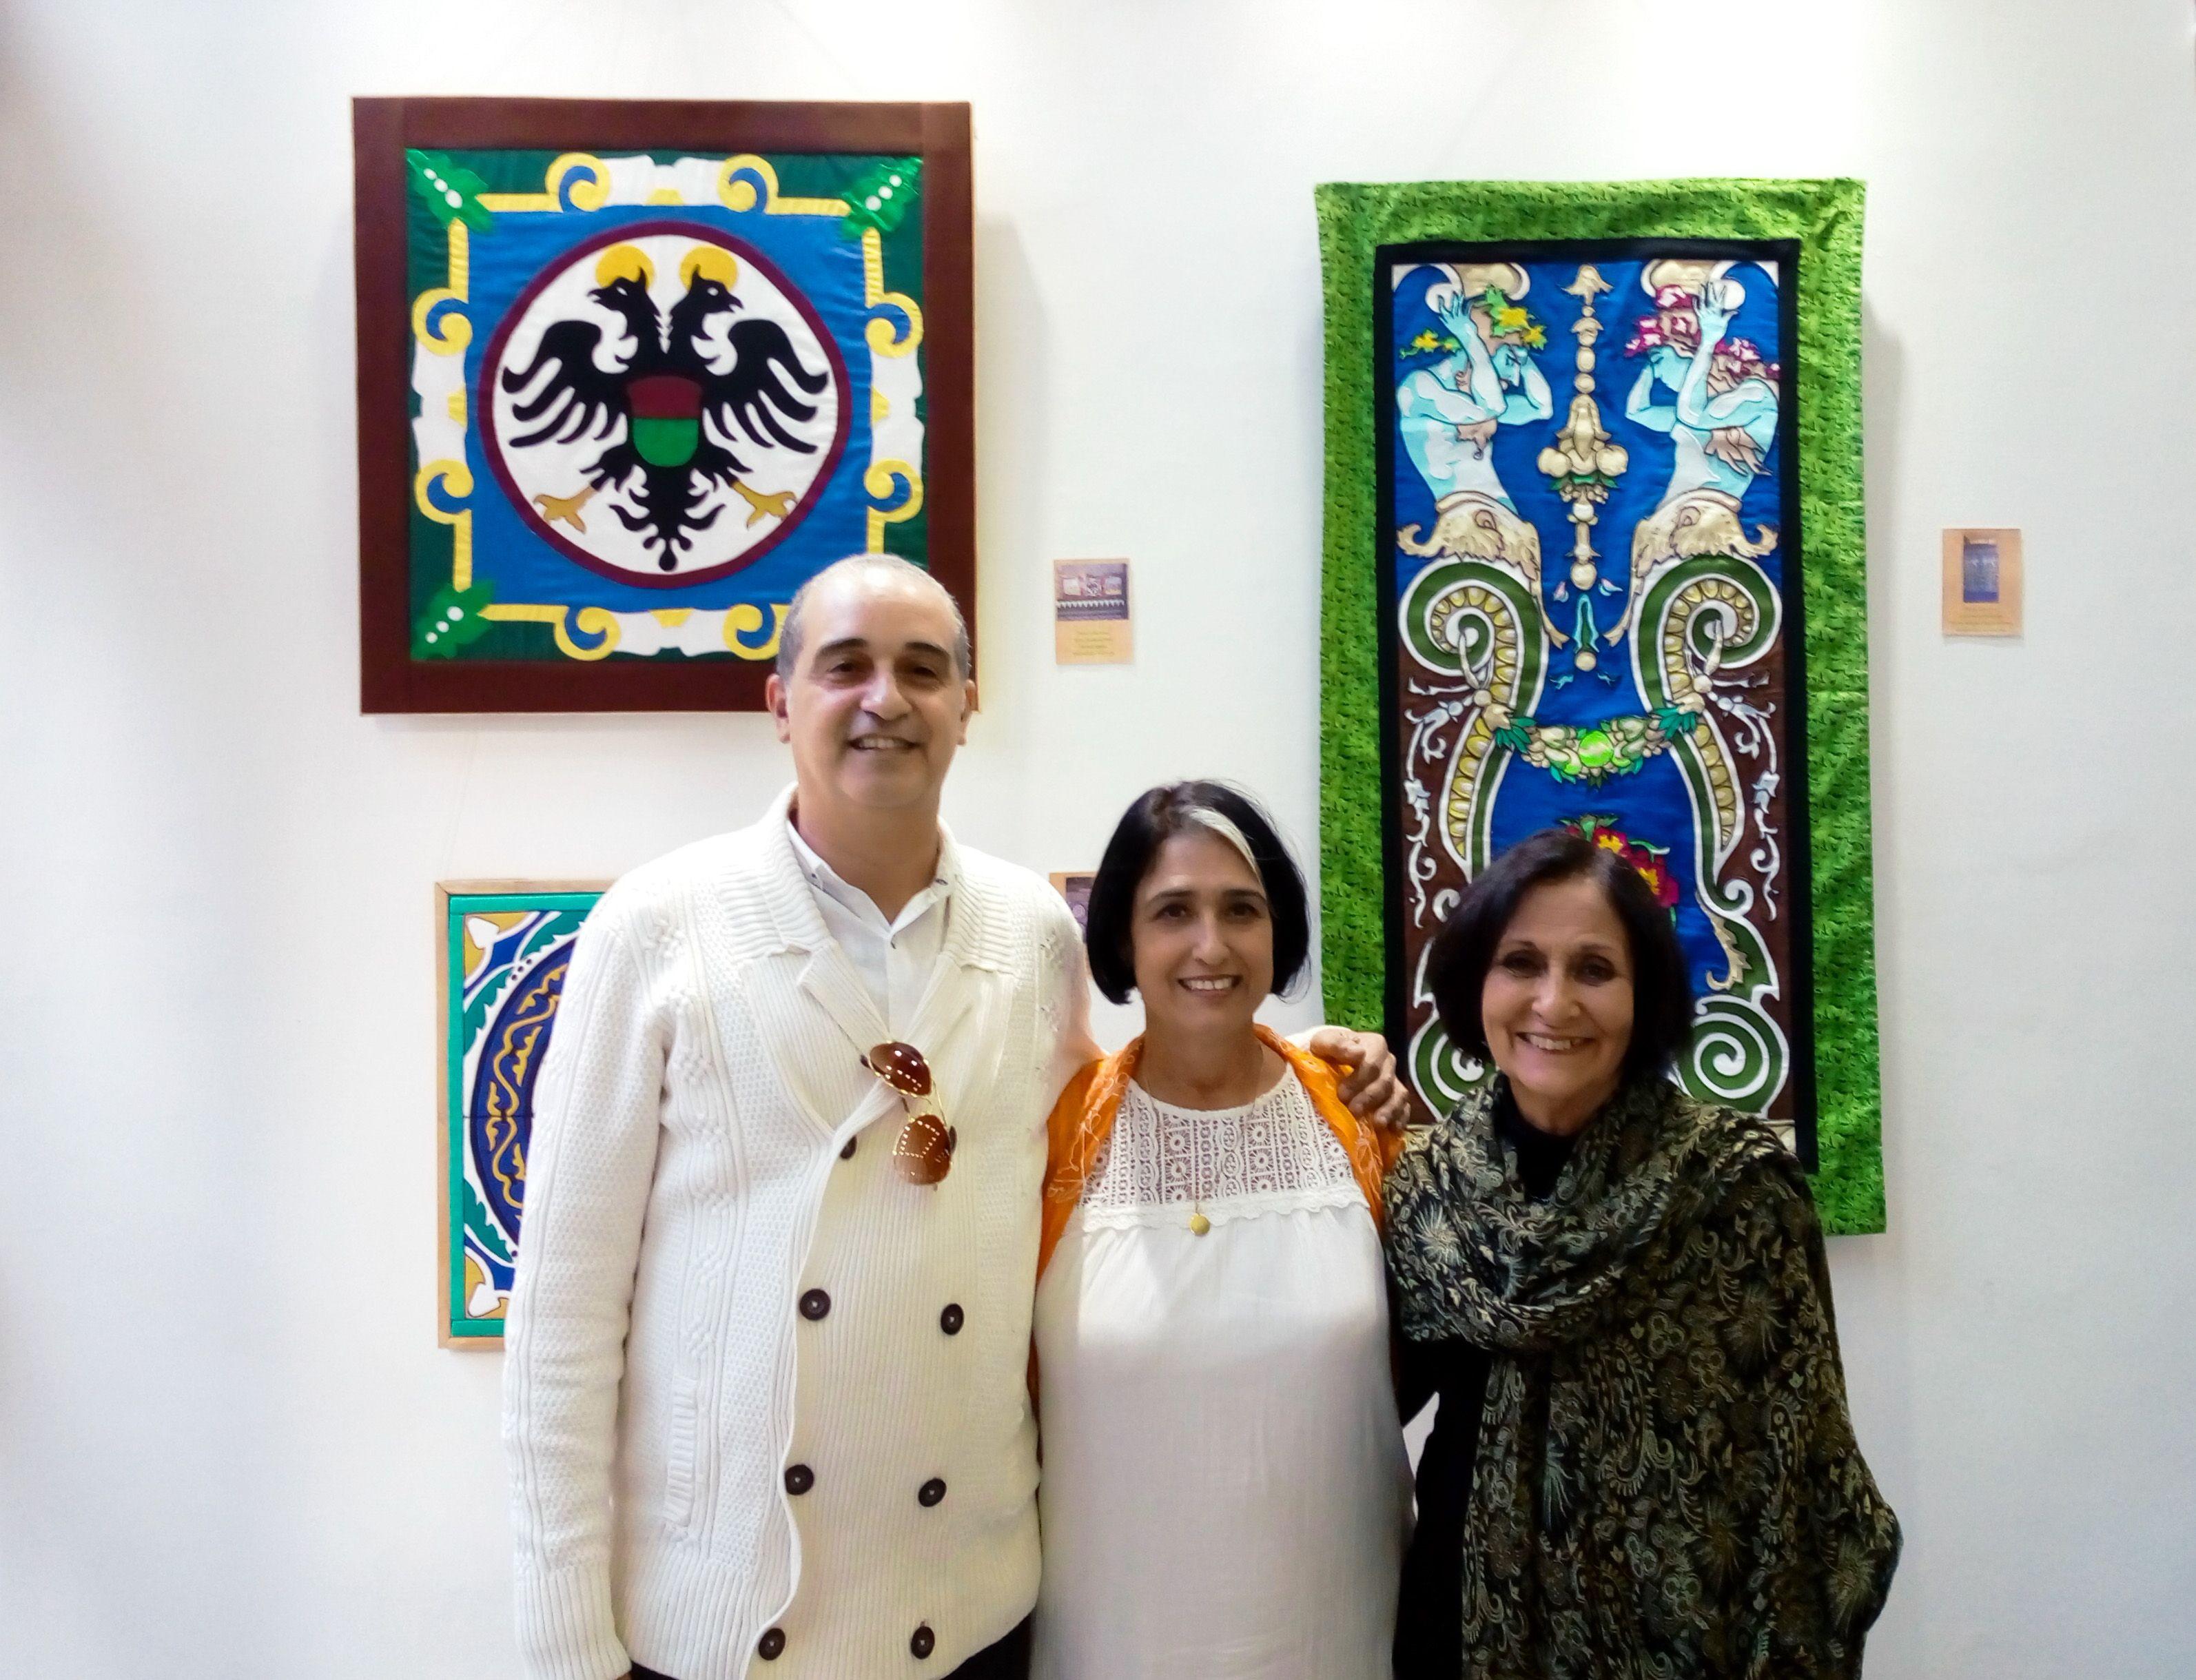 Los tres artistas: Rafael G. Hernández, Isabel Torres (Chavela) y Ela María Pérez Hernández.